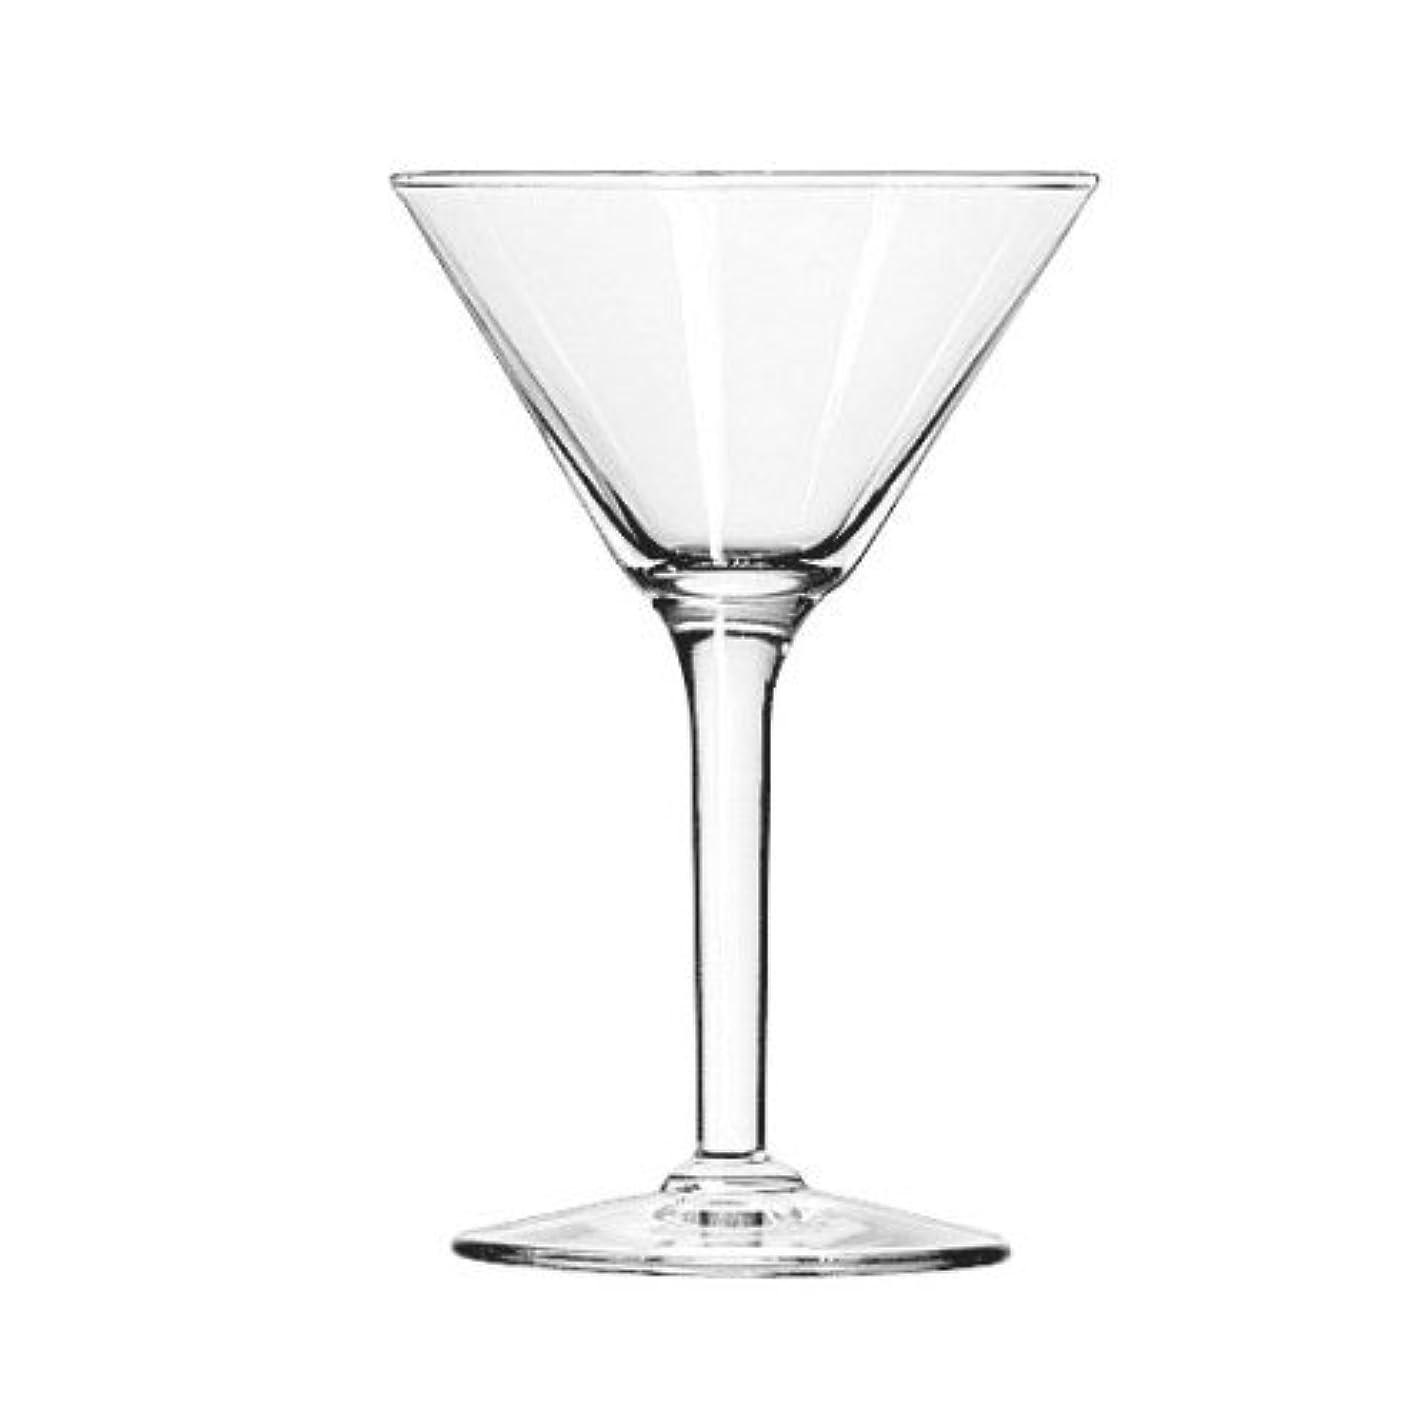 底想像力豊かな卒業記念アルバムLibbey(リビー) サイテイション カクテルグラス №8454 ソーダガラス アメリカ (6ヶ入) PLB2501